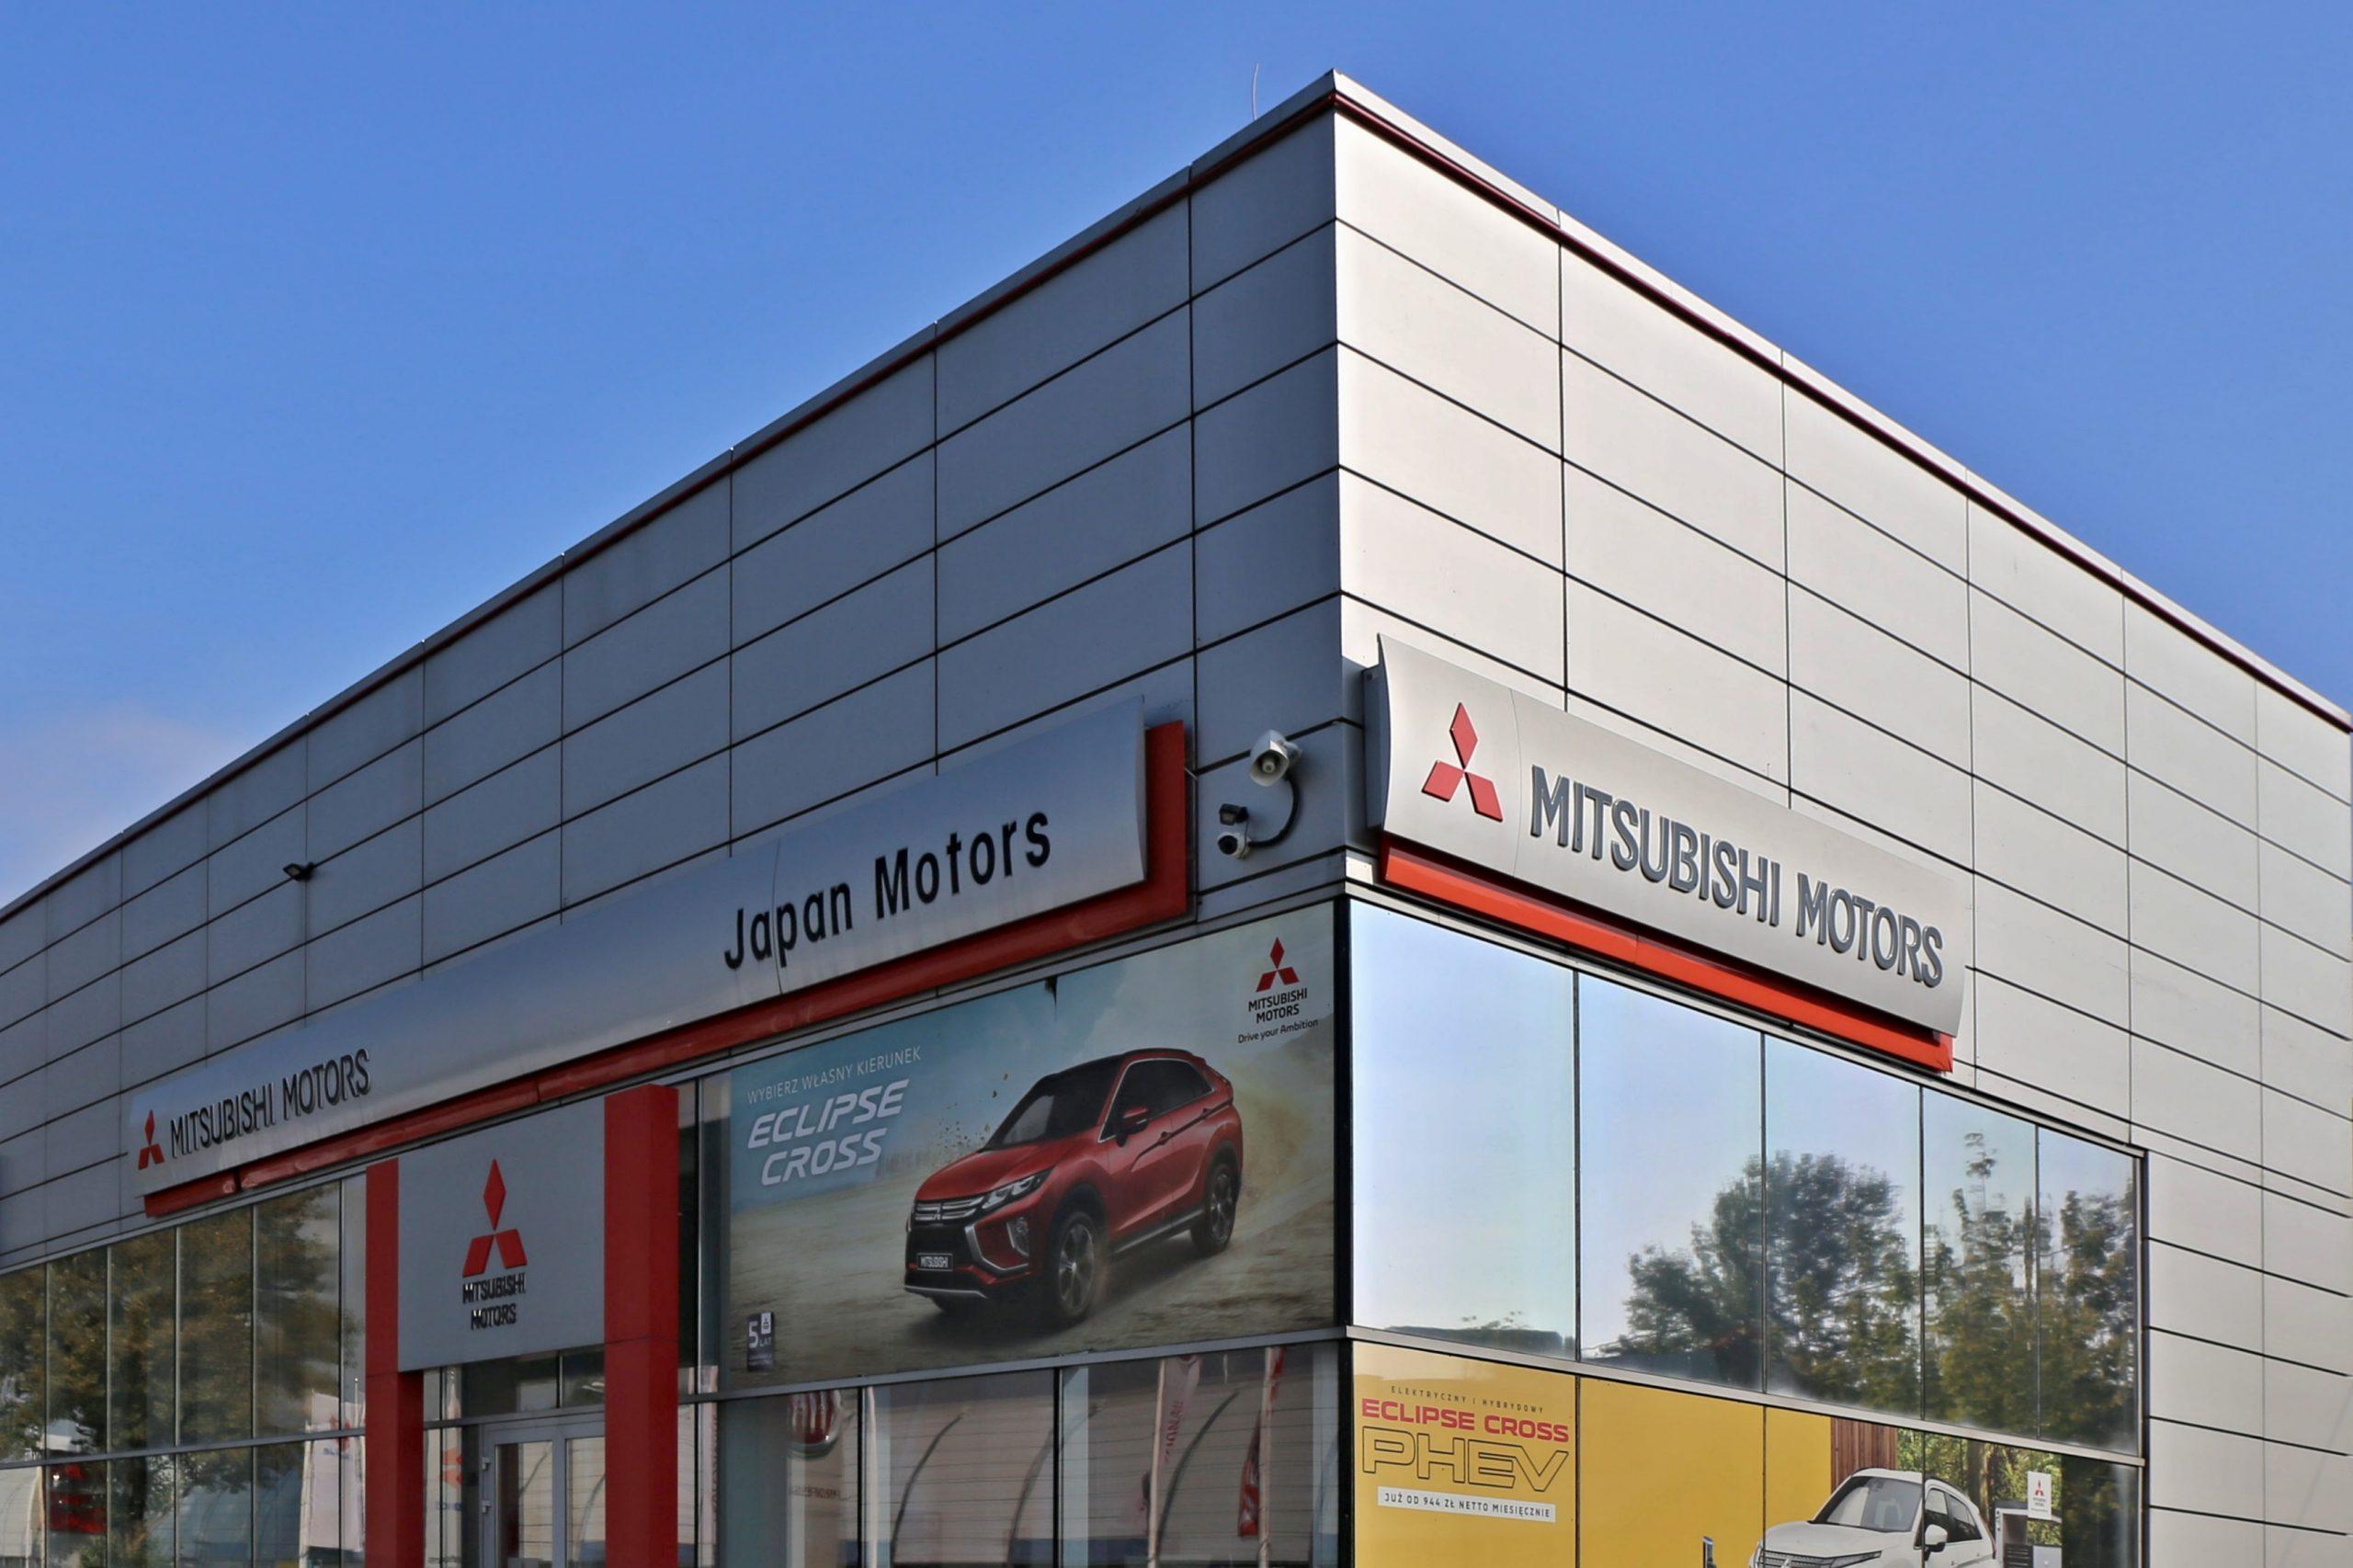 Mitsubishi Japan Motors